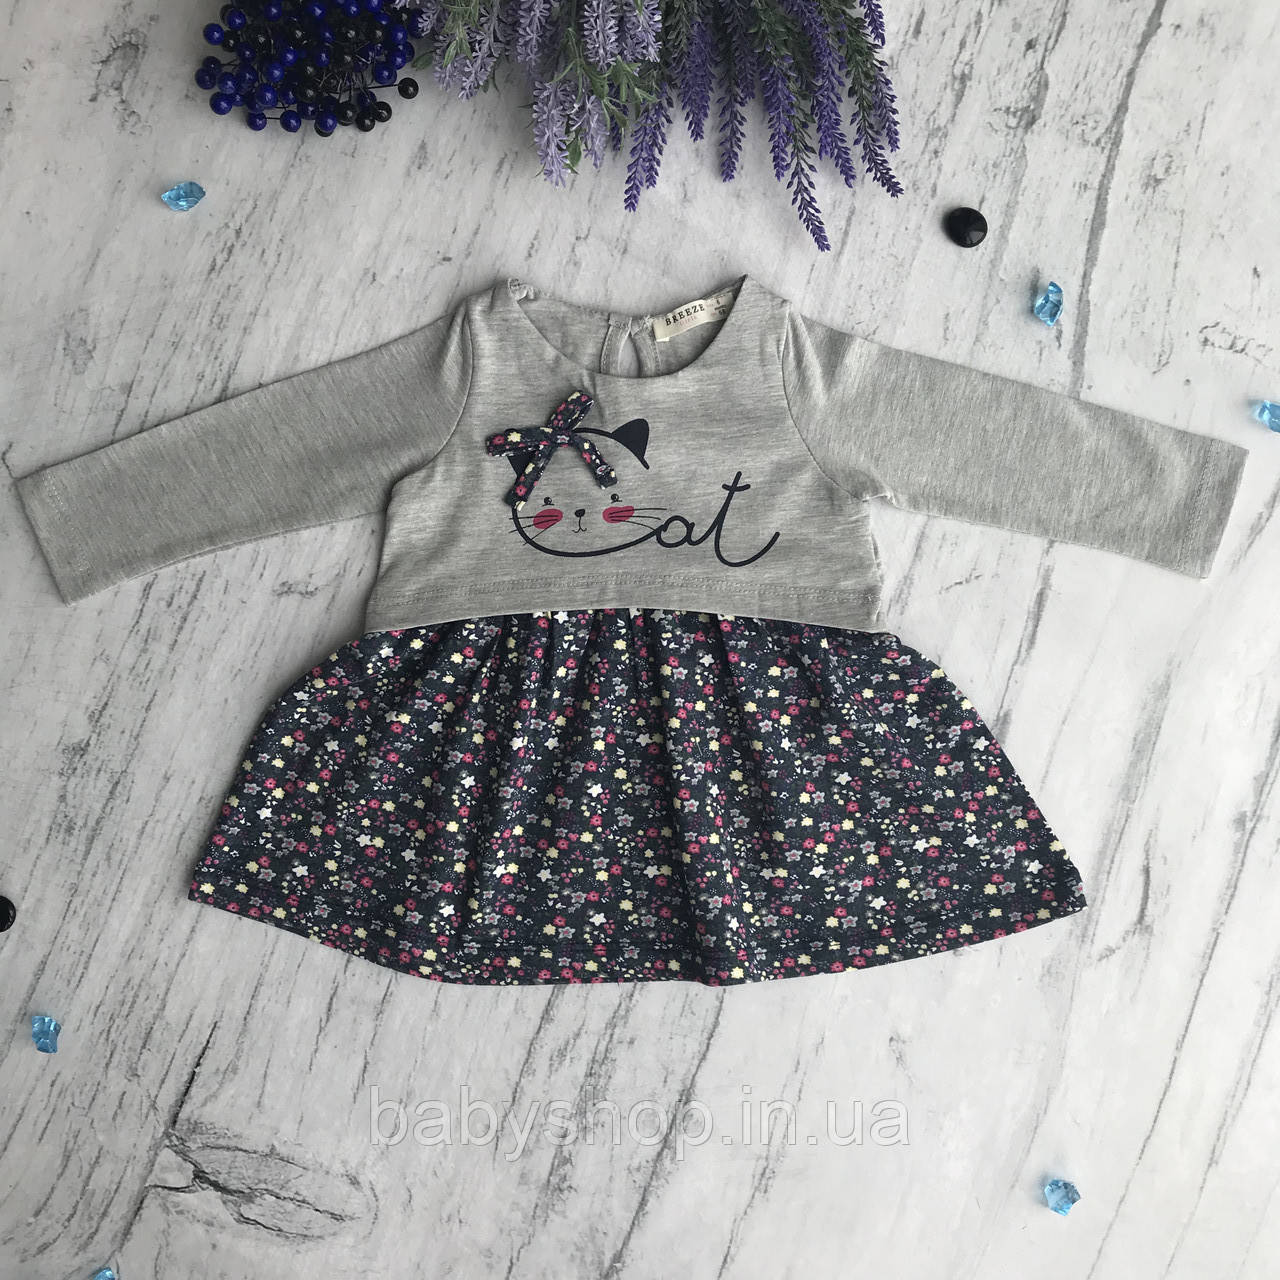 Платье Breeze 12-а. Размер 68, 74, 80, 86, 92 см